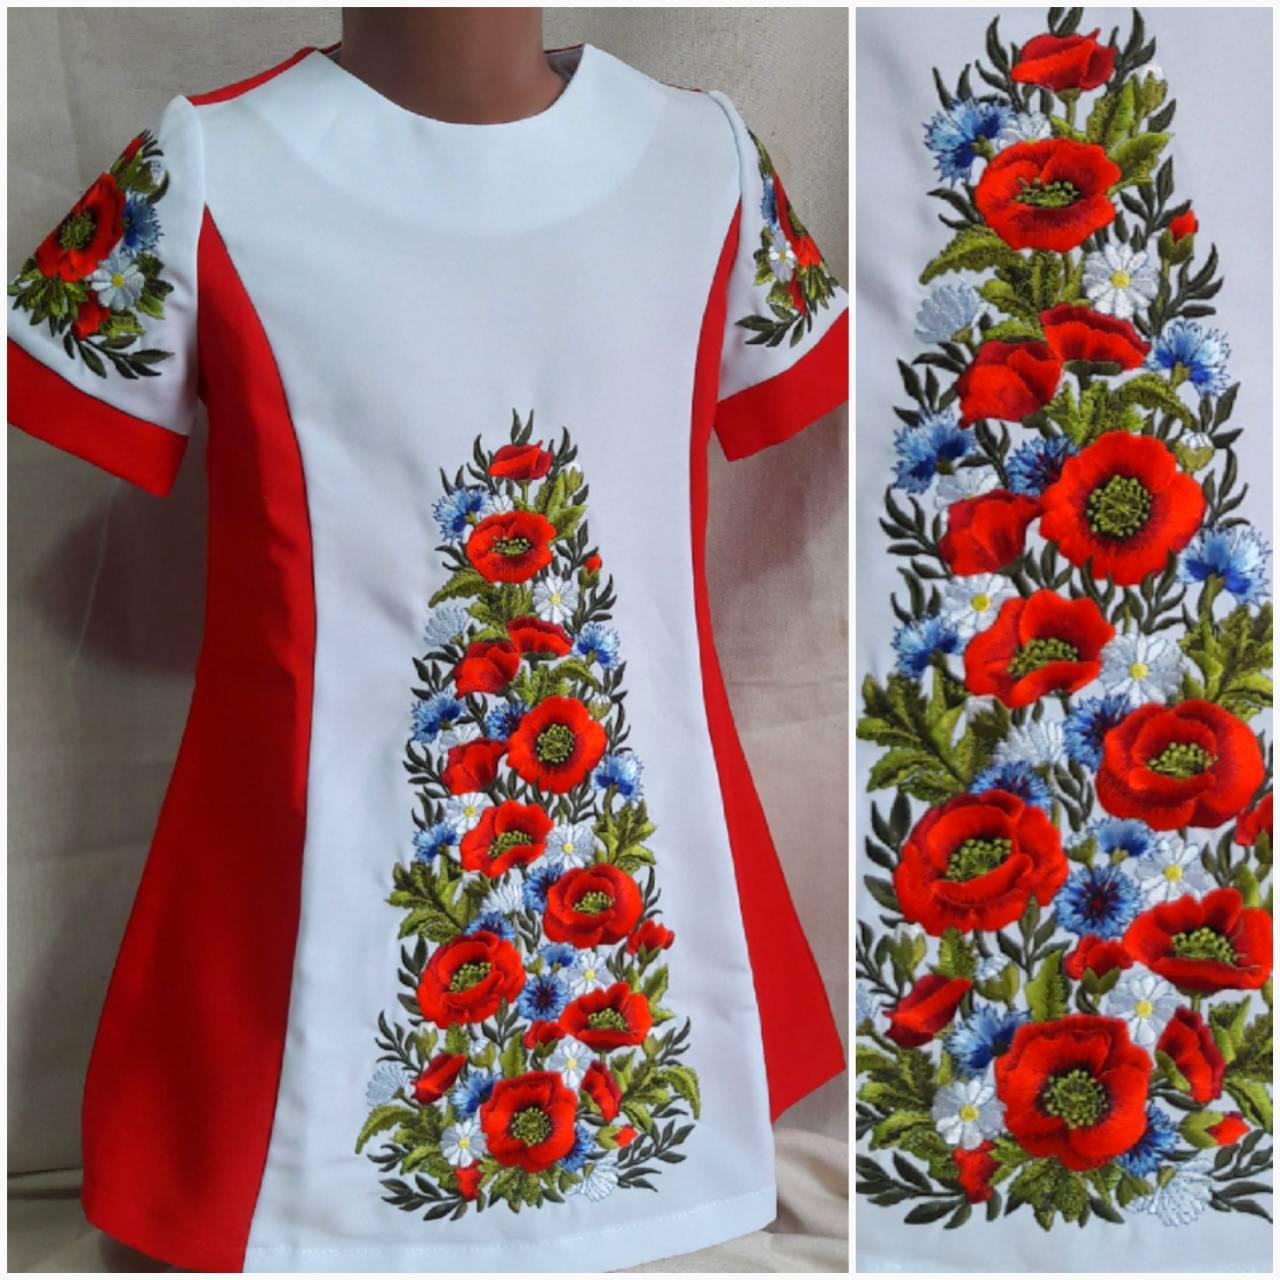 """Вышитое платье для девочки """"Луговые цветы"""", габардин, рост 146-152 см., 370/410 (цена за 1 шт+ 40 гр.)"""